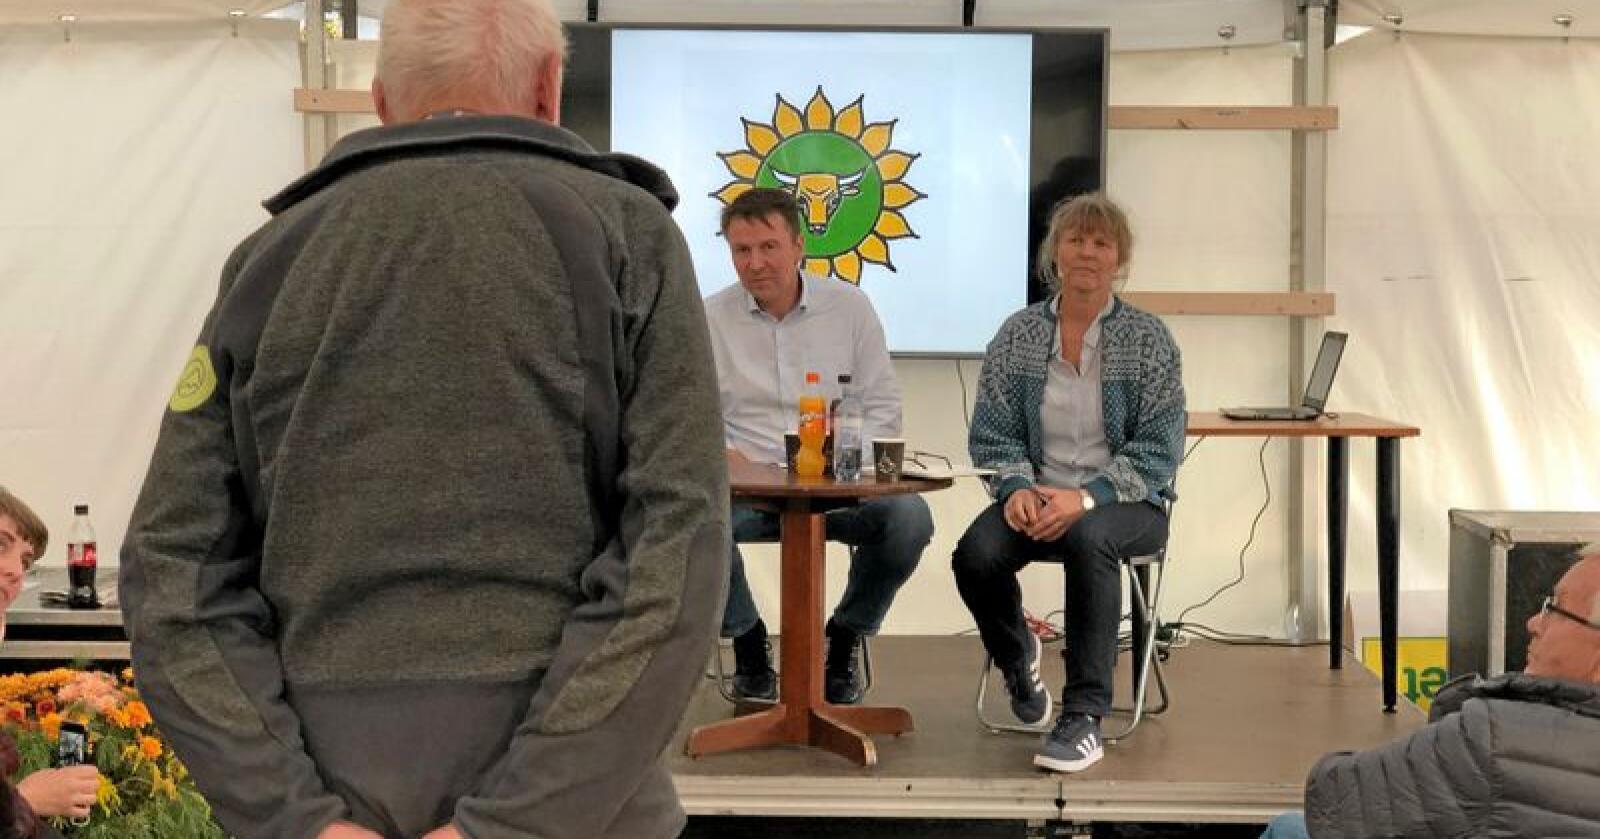 Lars Petter Bartnes og Kjersti Hoff under Dyrsku-debatten. Foto: Line Omland Eilevstjønn